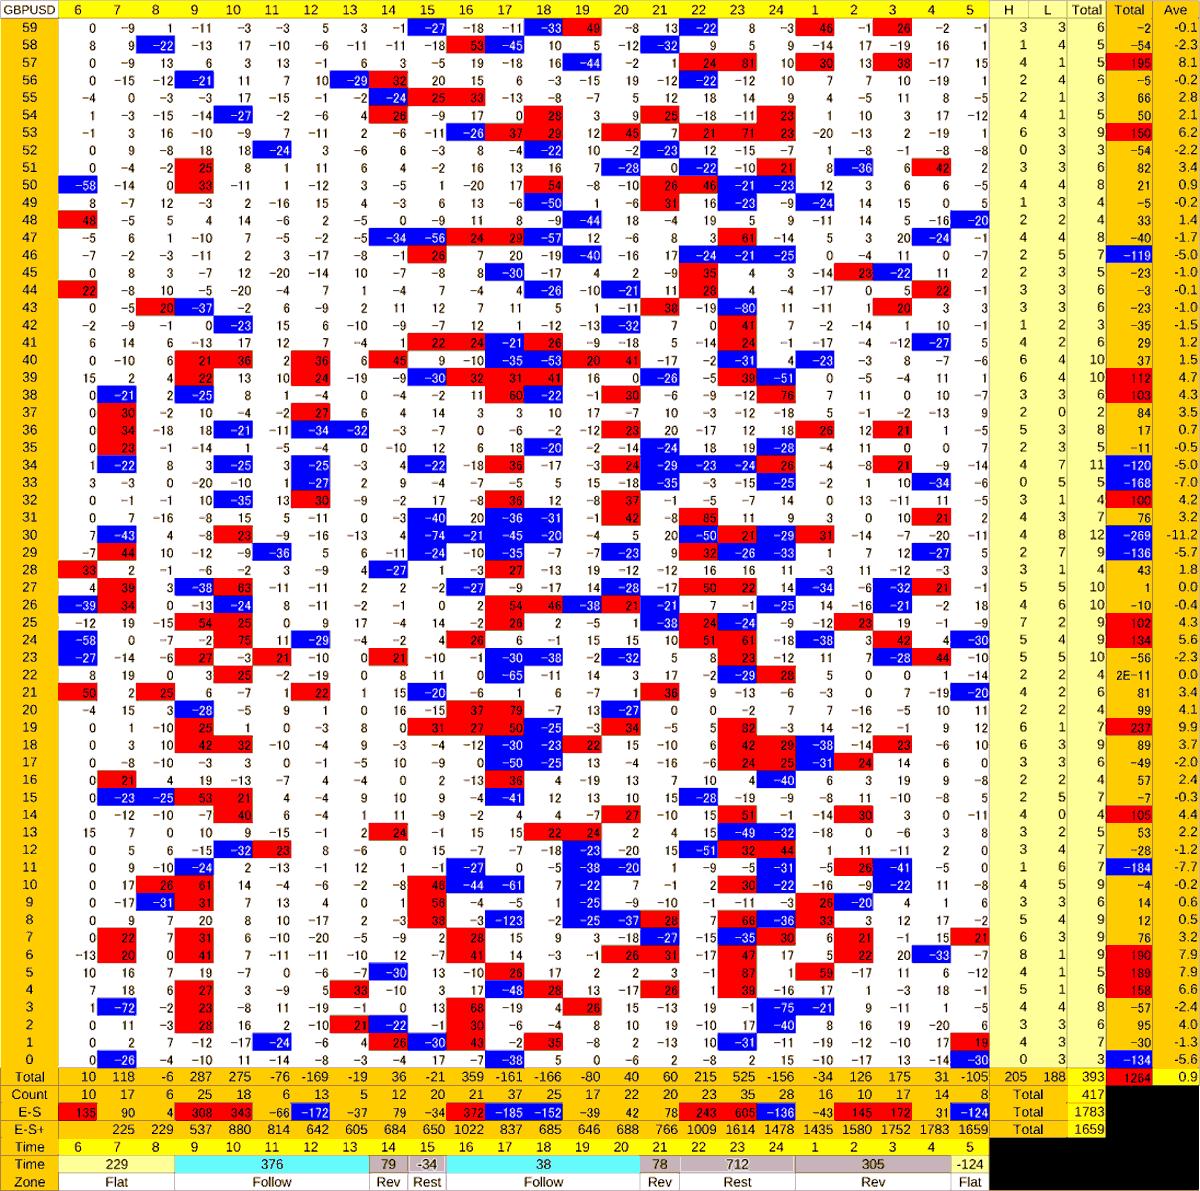 20200601_HS(2)GBPUSD